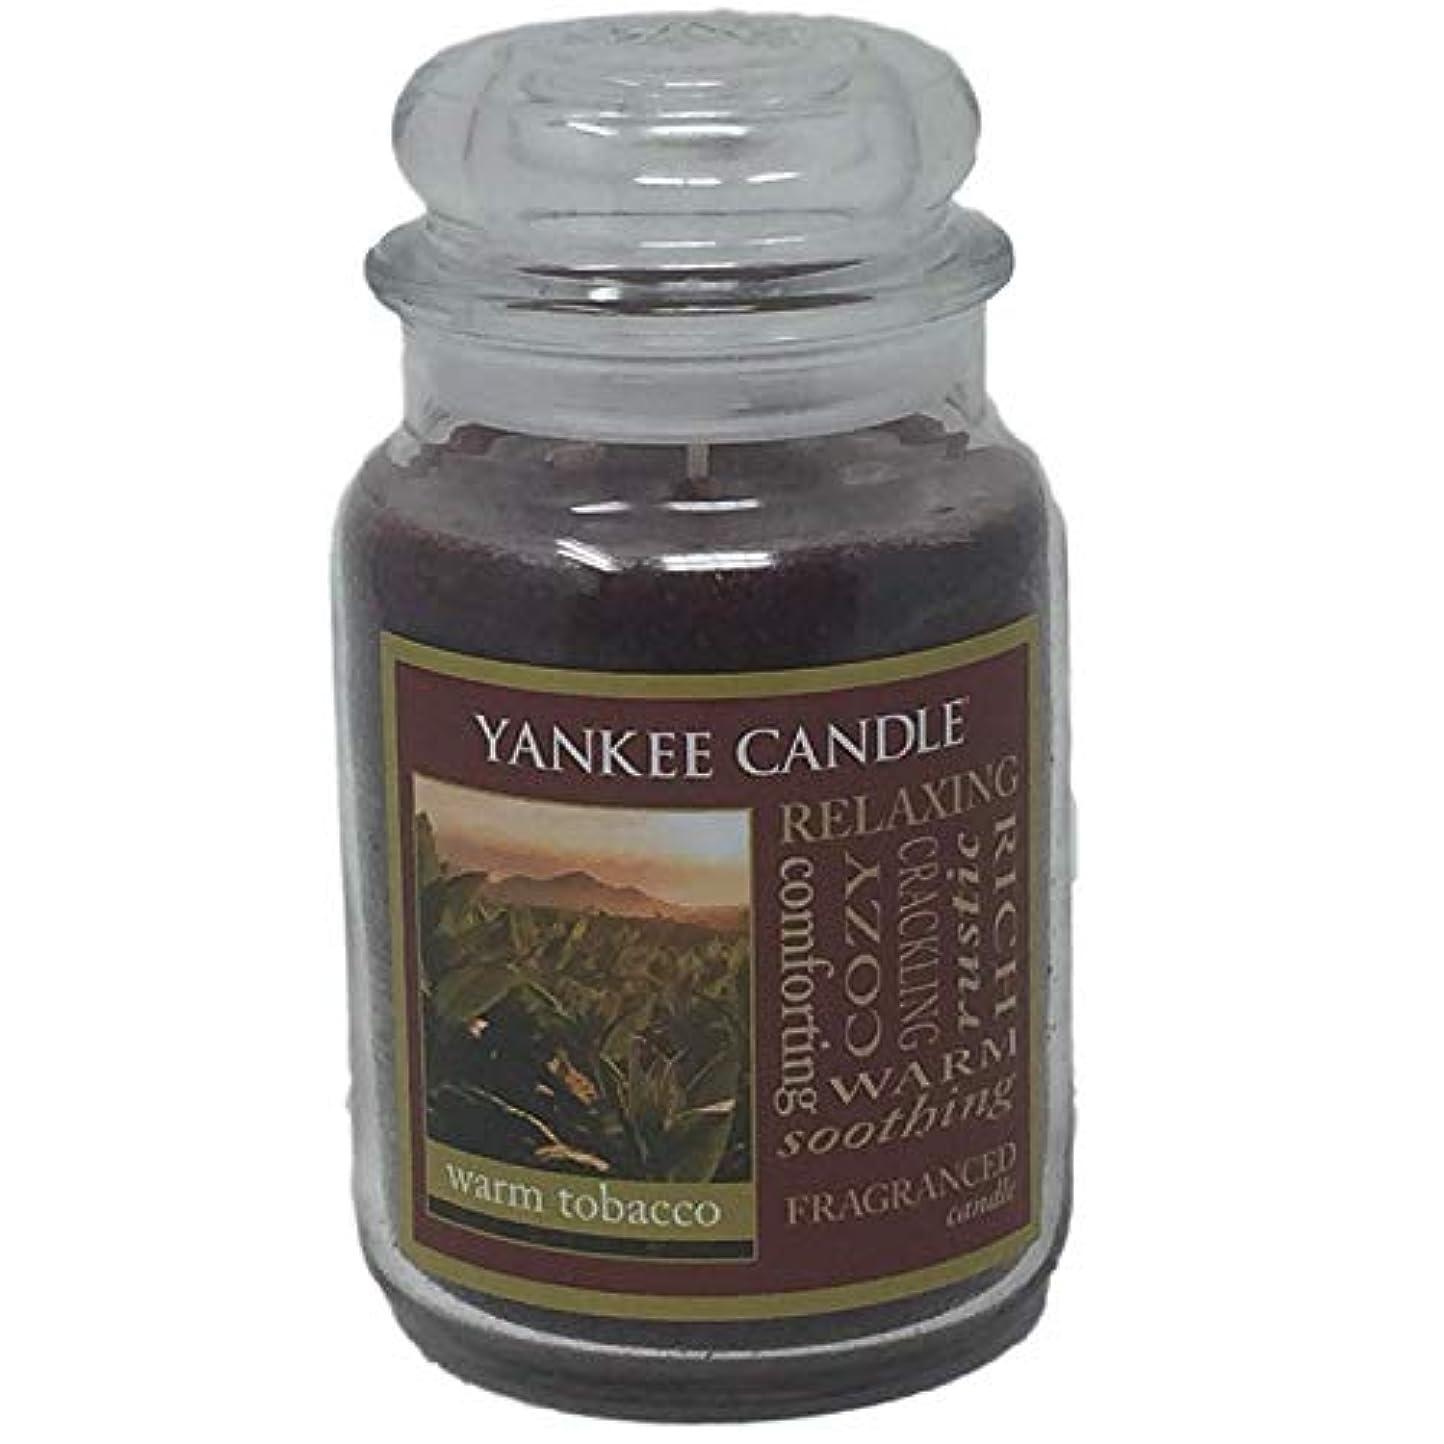 窓を洗うロボット時期尚早Yankee Candle WarmタバコJar Candle – 22 oz Largeサイズ